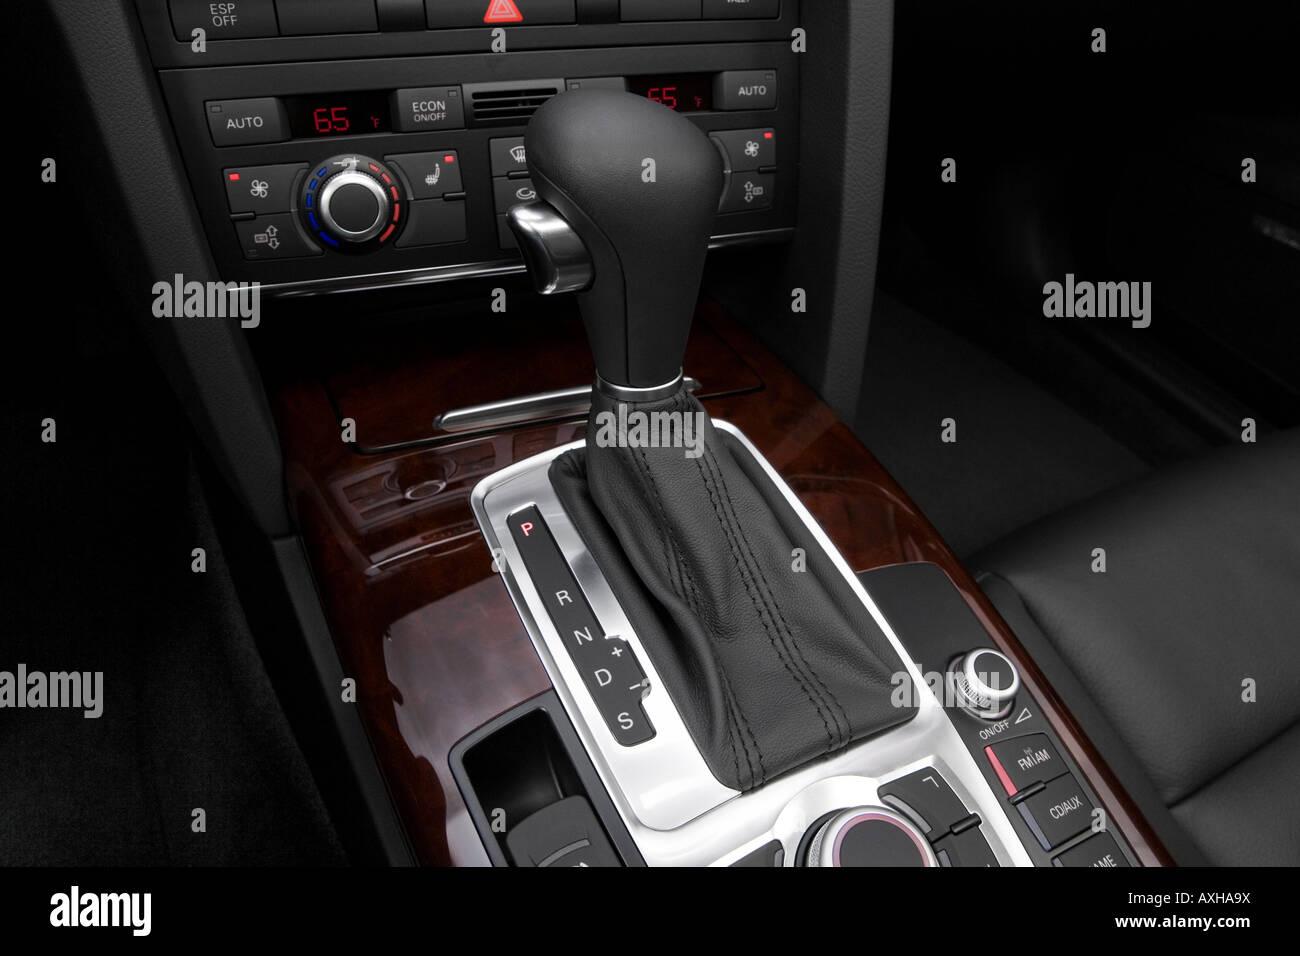 2008 Audi A6 Avant 3.2 FSI quattro in Black - Gear shifter/center ...